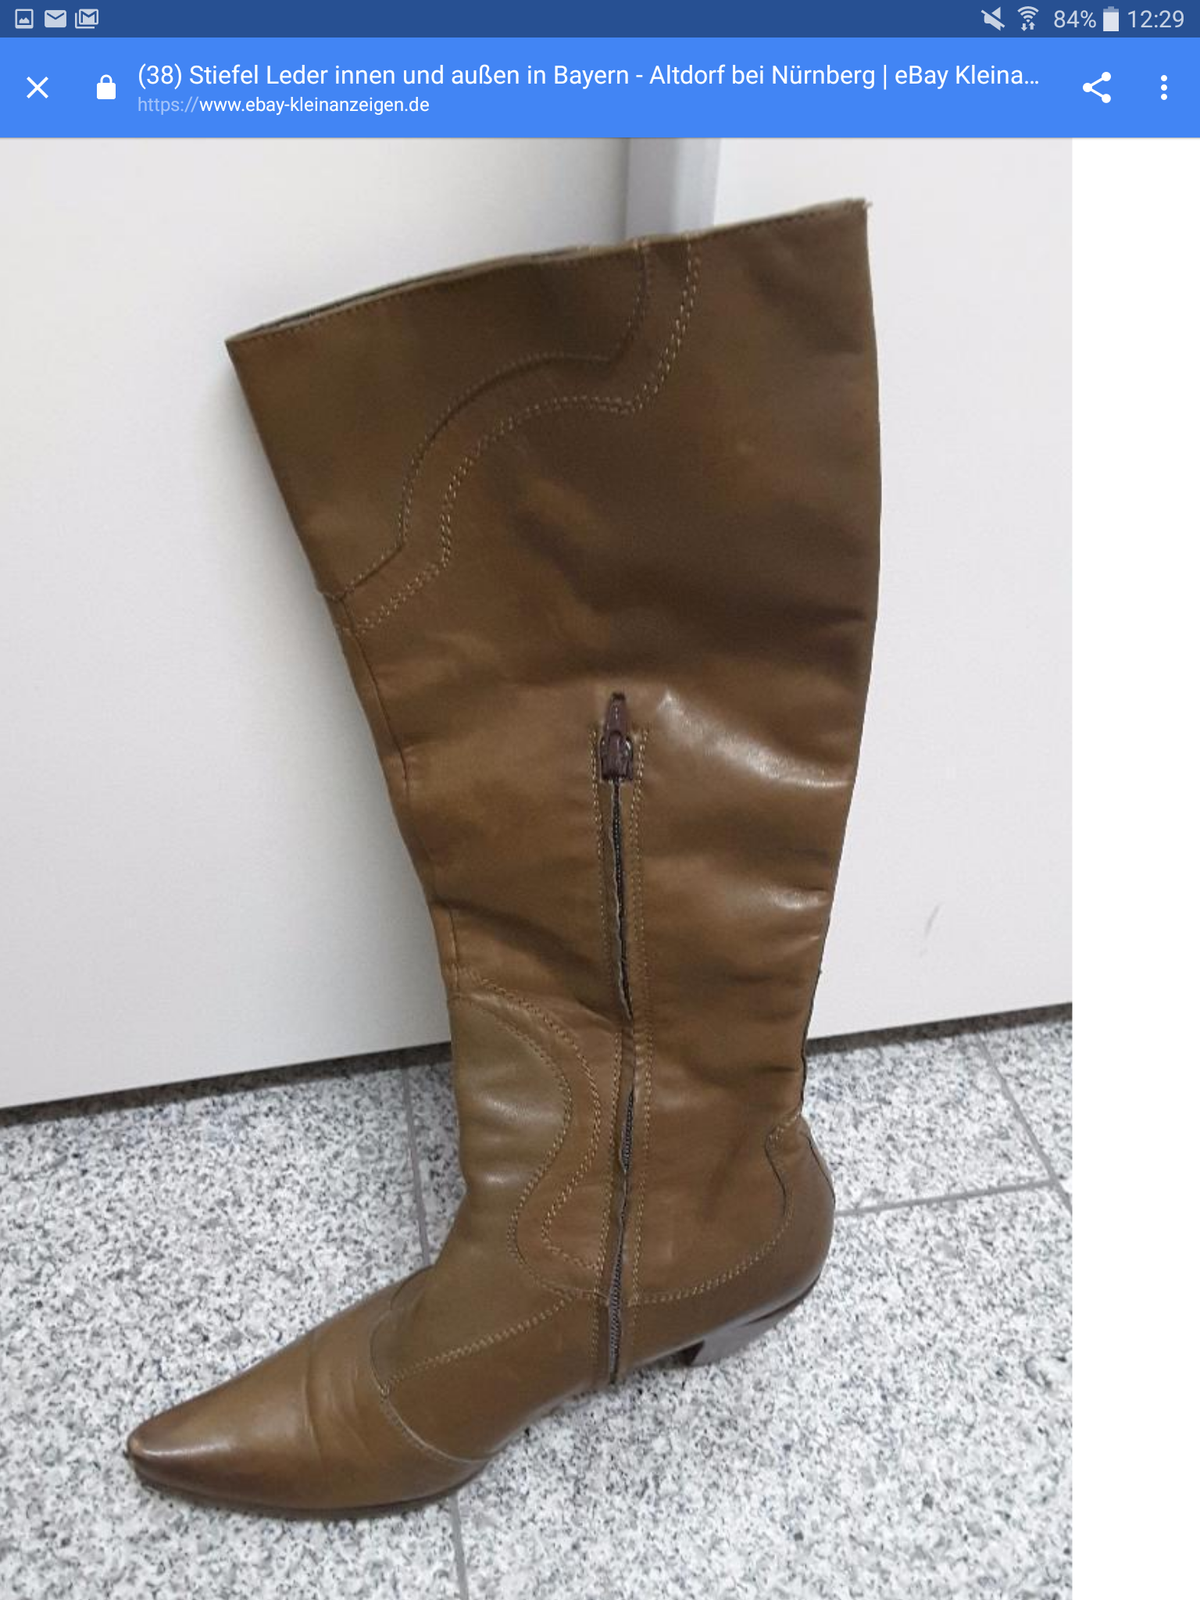 Stiefel Damen Gr.40 leder Günstige und gute Schuhe